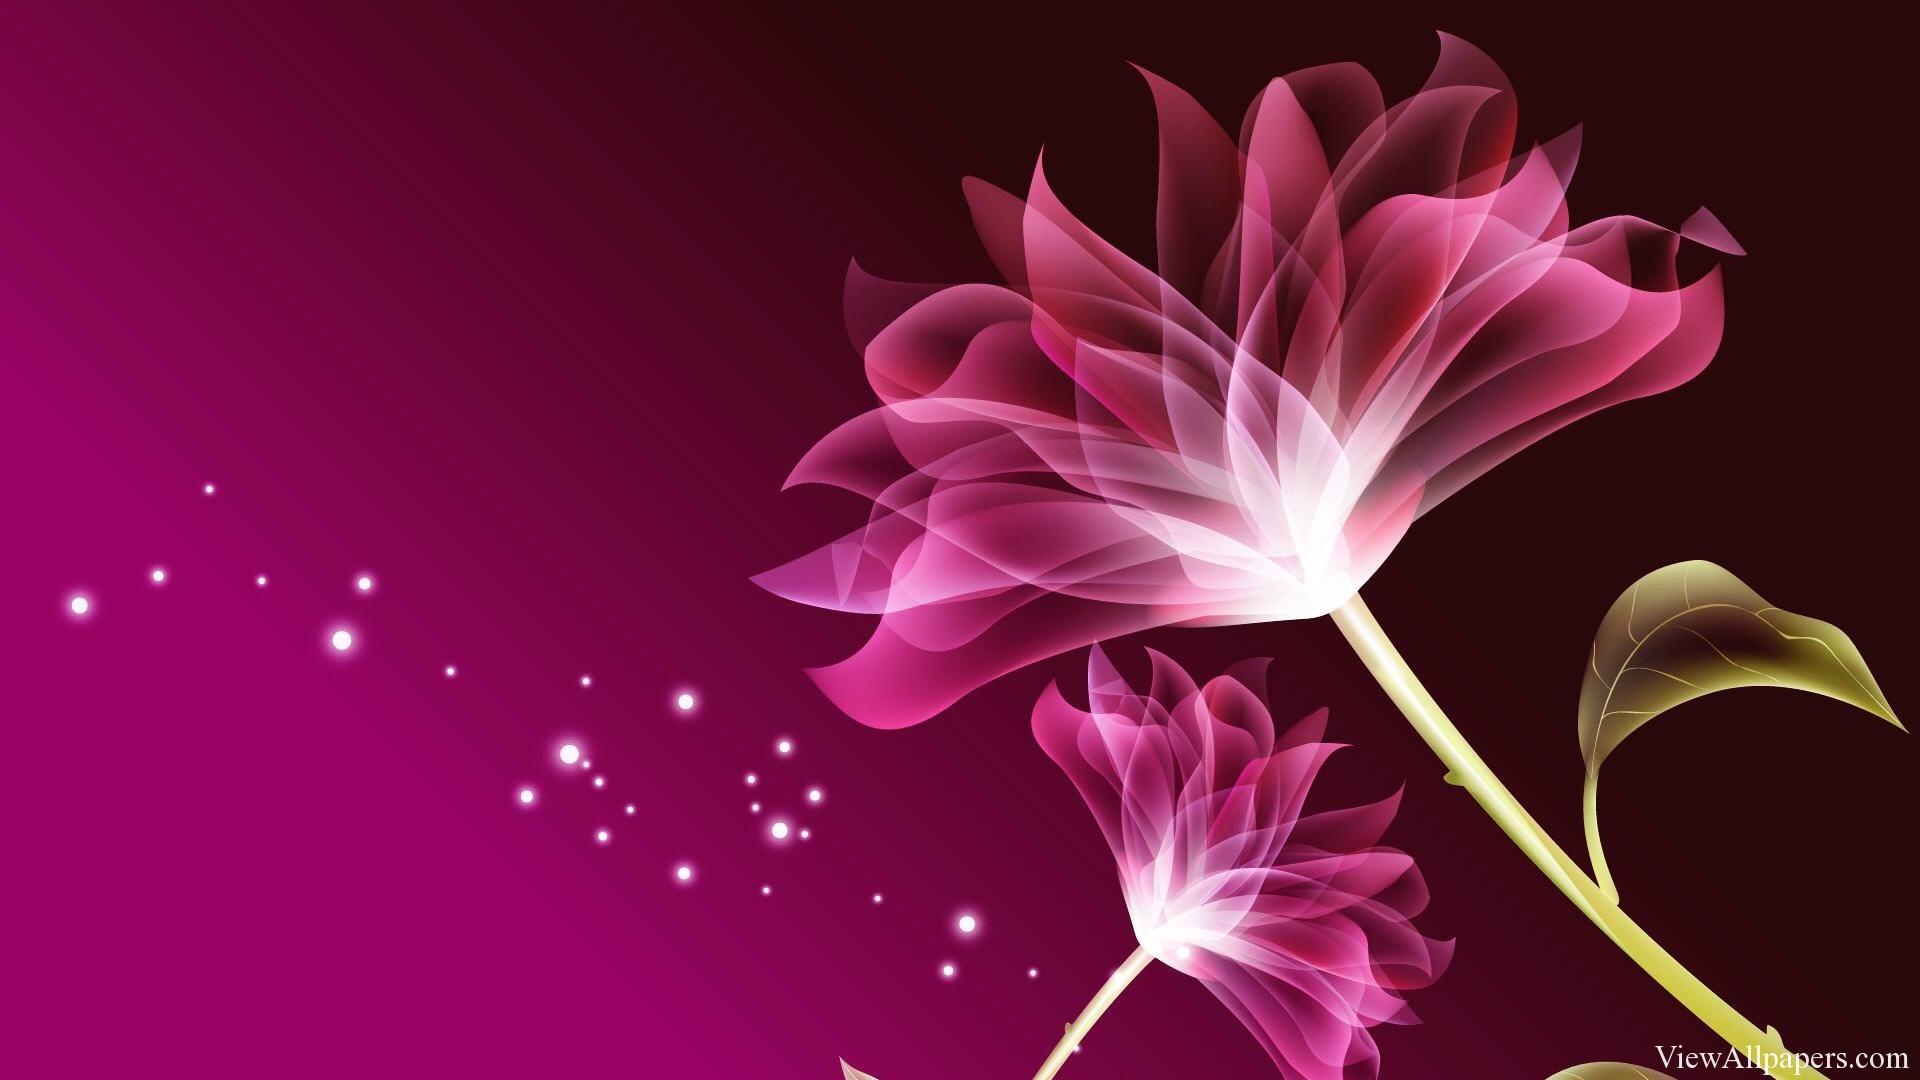 3D Pink Beautiful Flower Wallpaper by viewallpaperscom 1920x1080